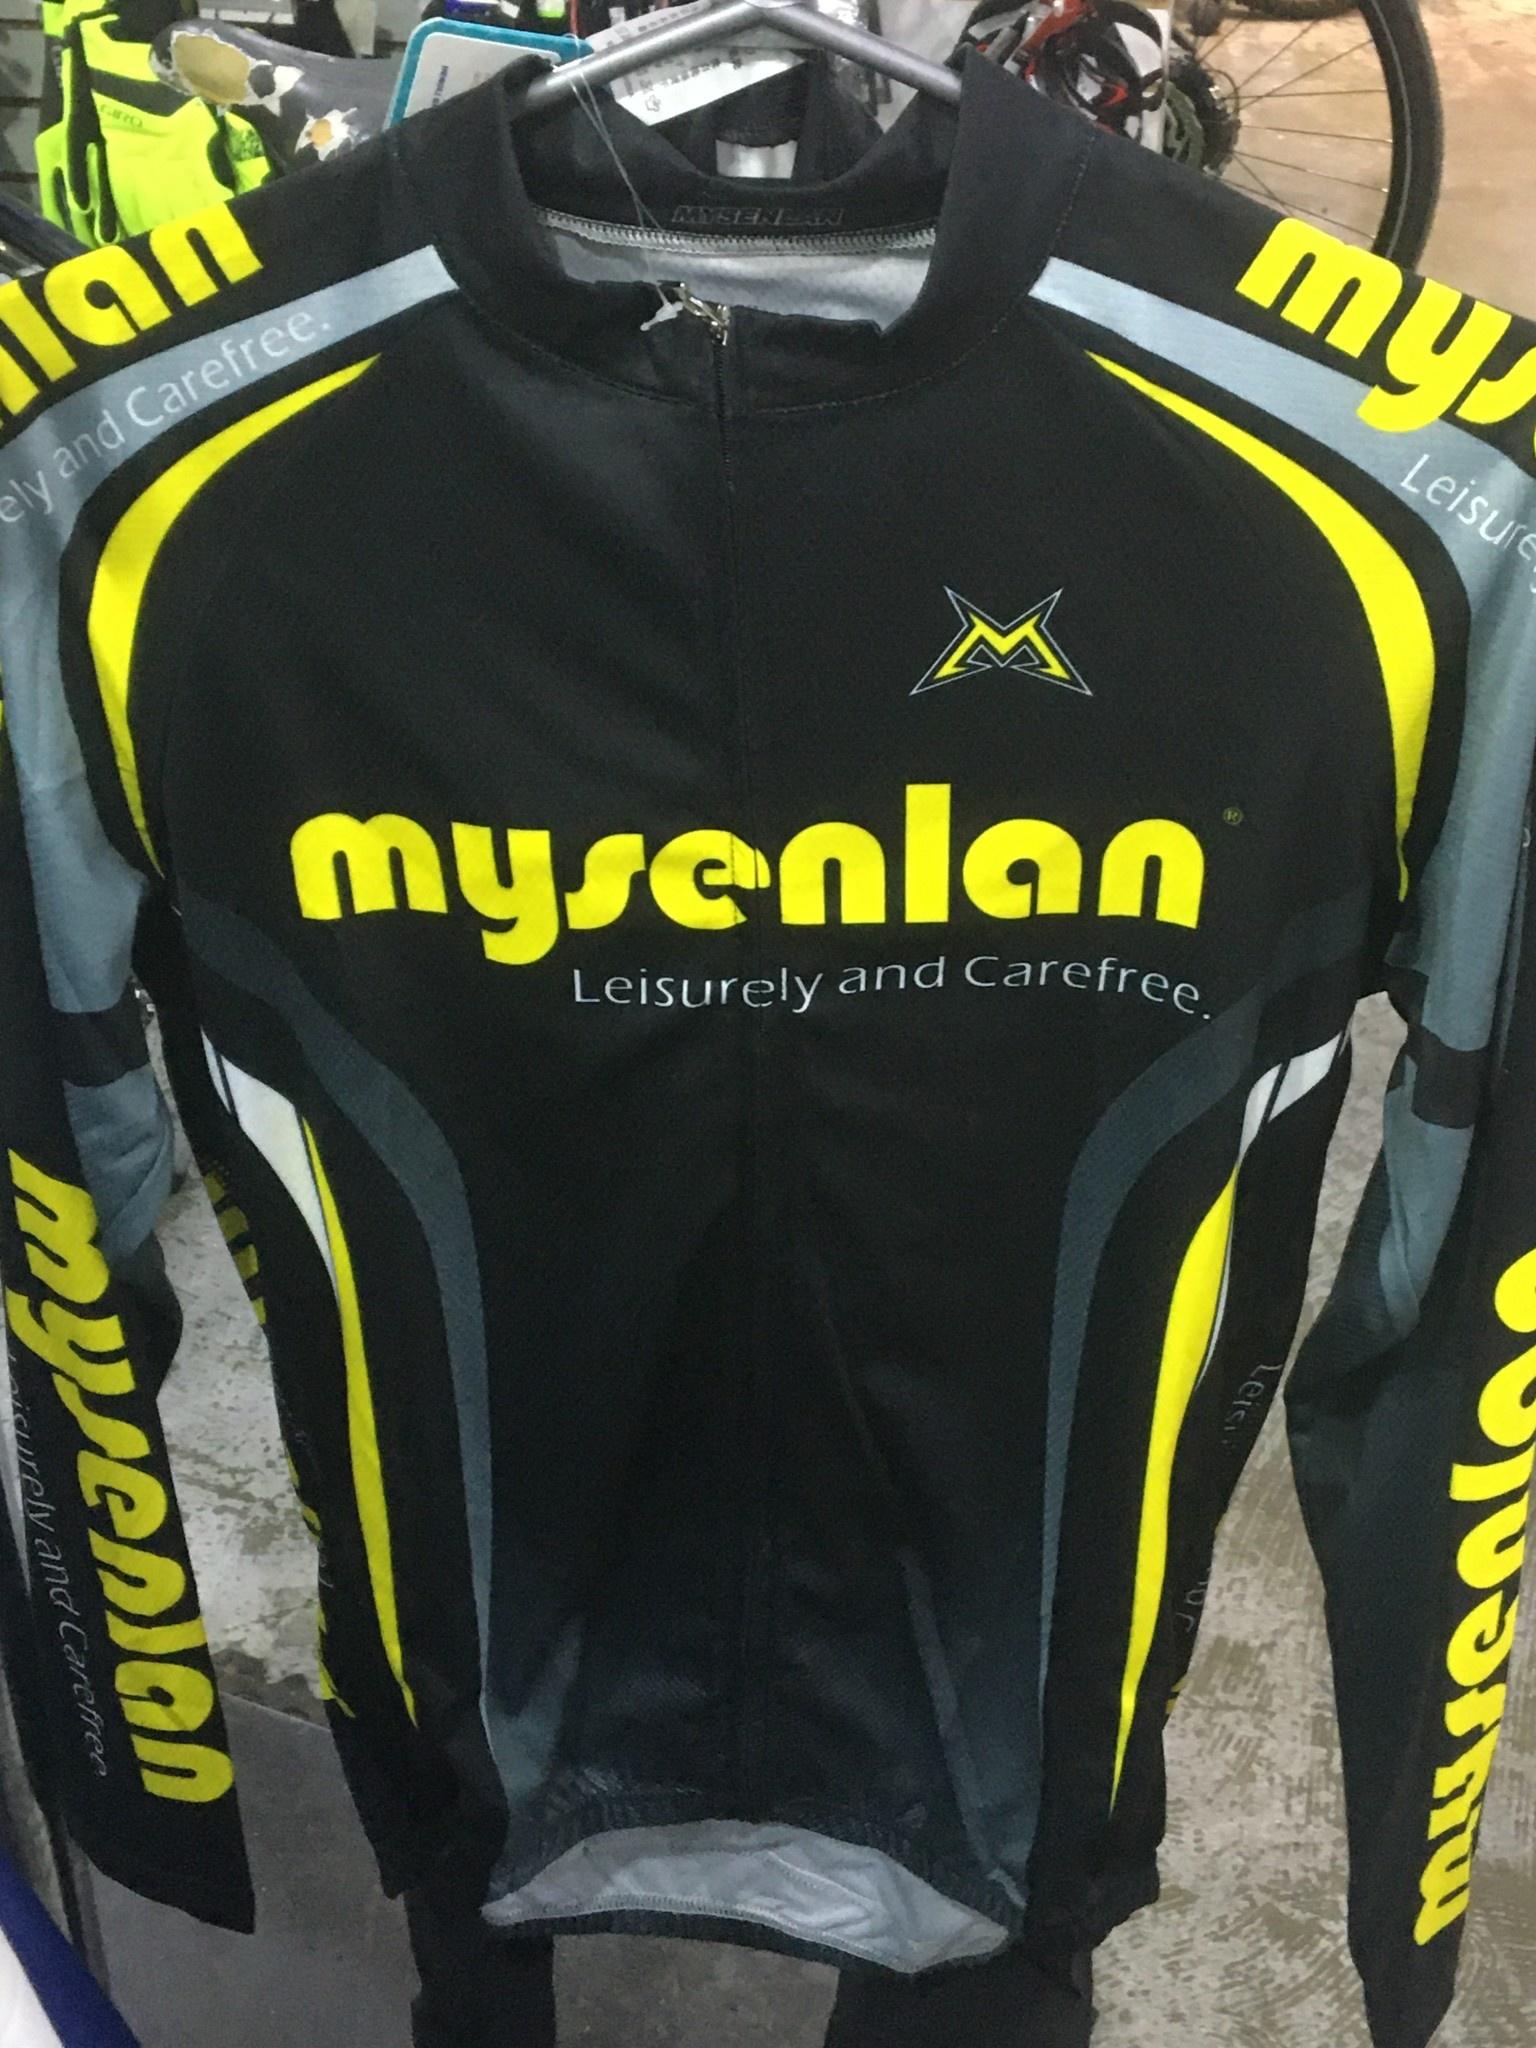 MySenlan Mysenlan Black/Grey/Yellow Jersey+Shorts